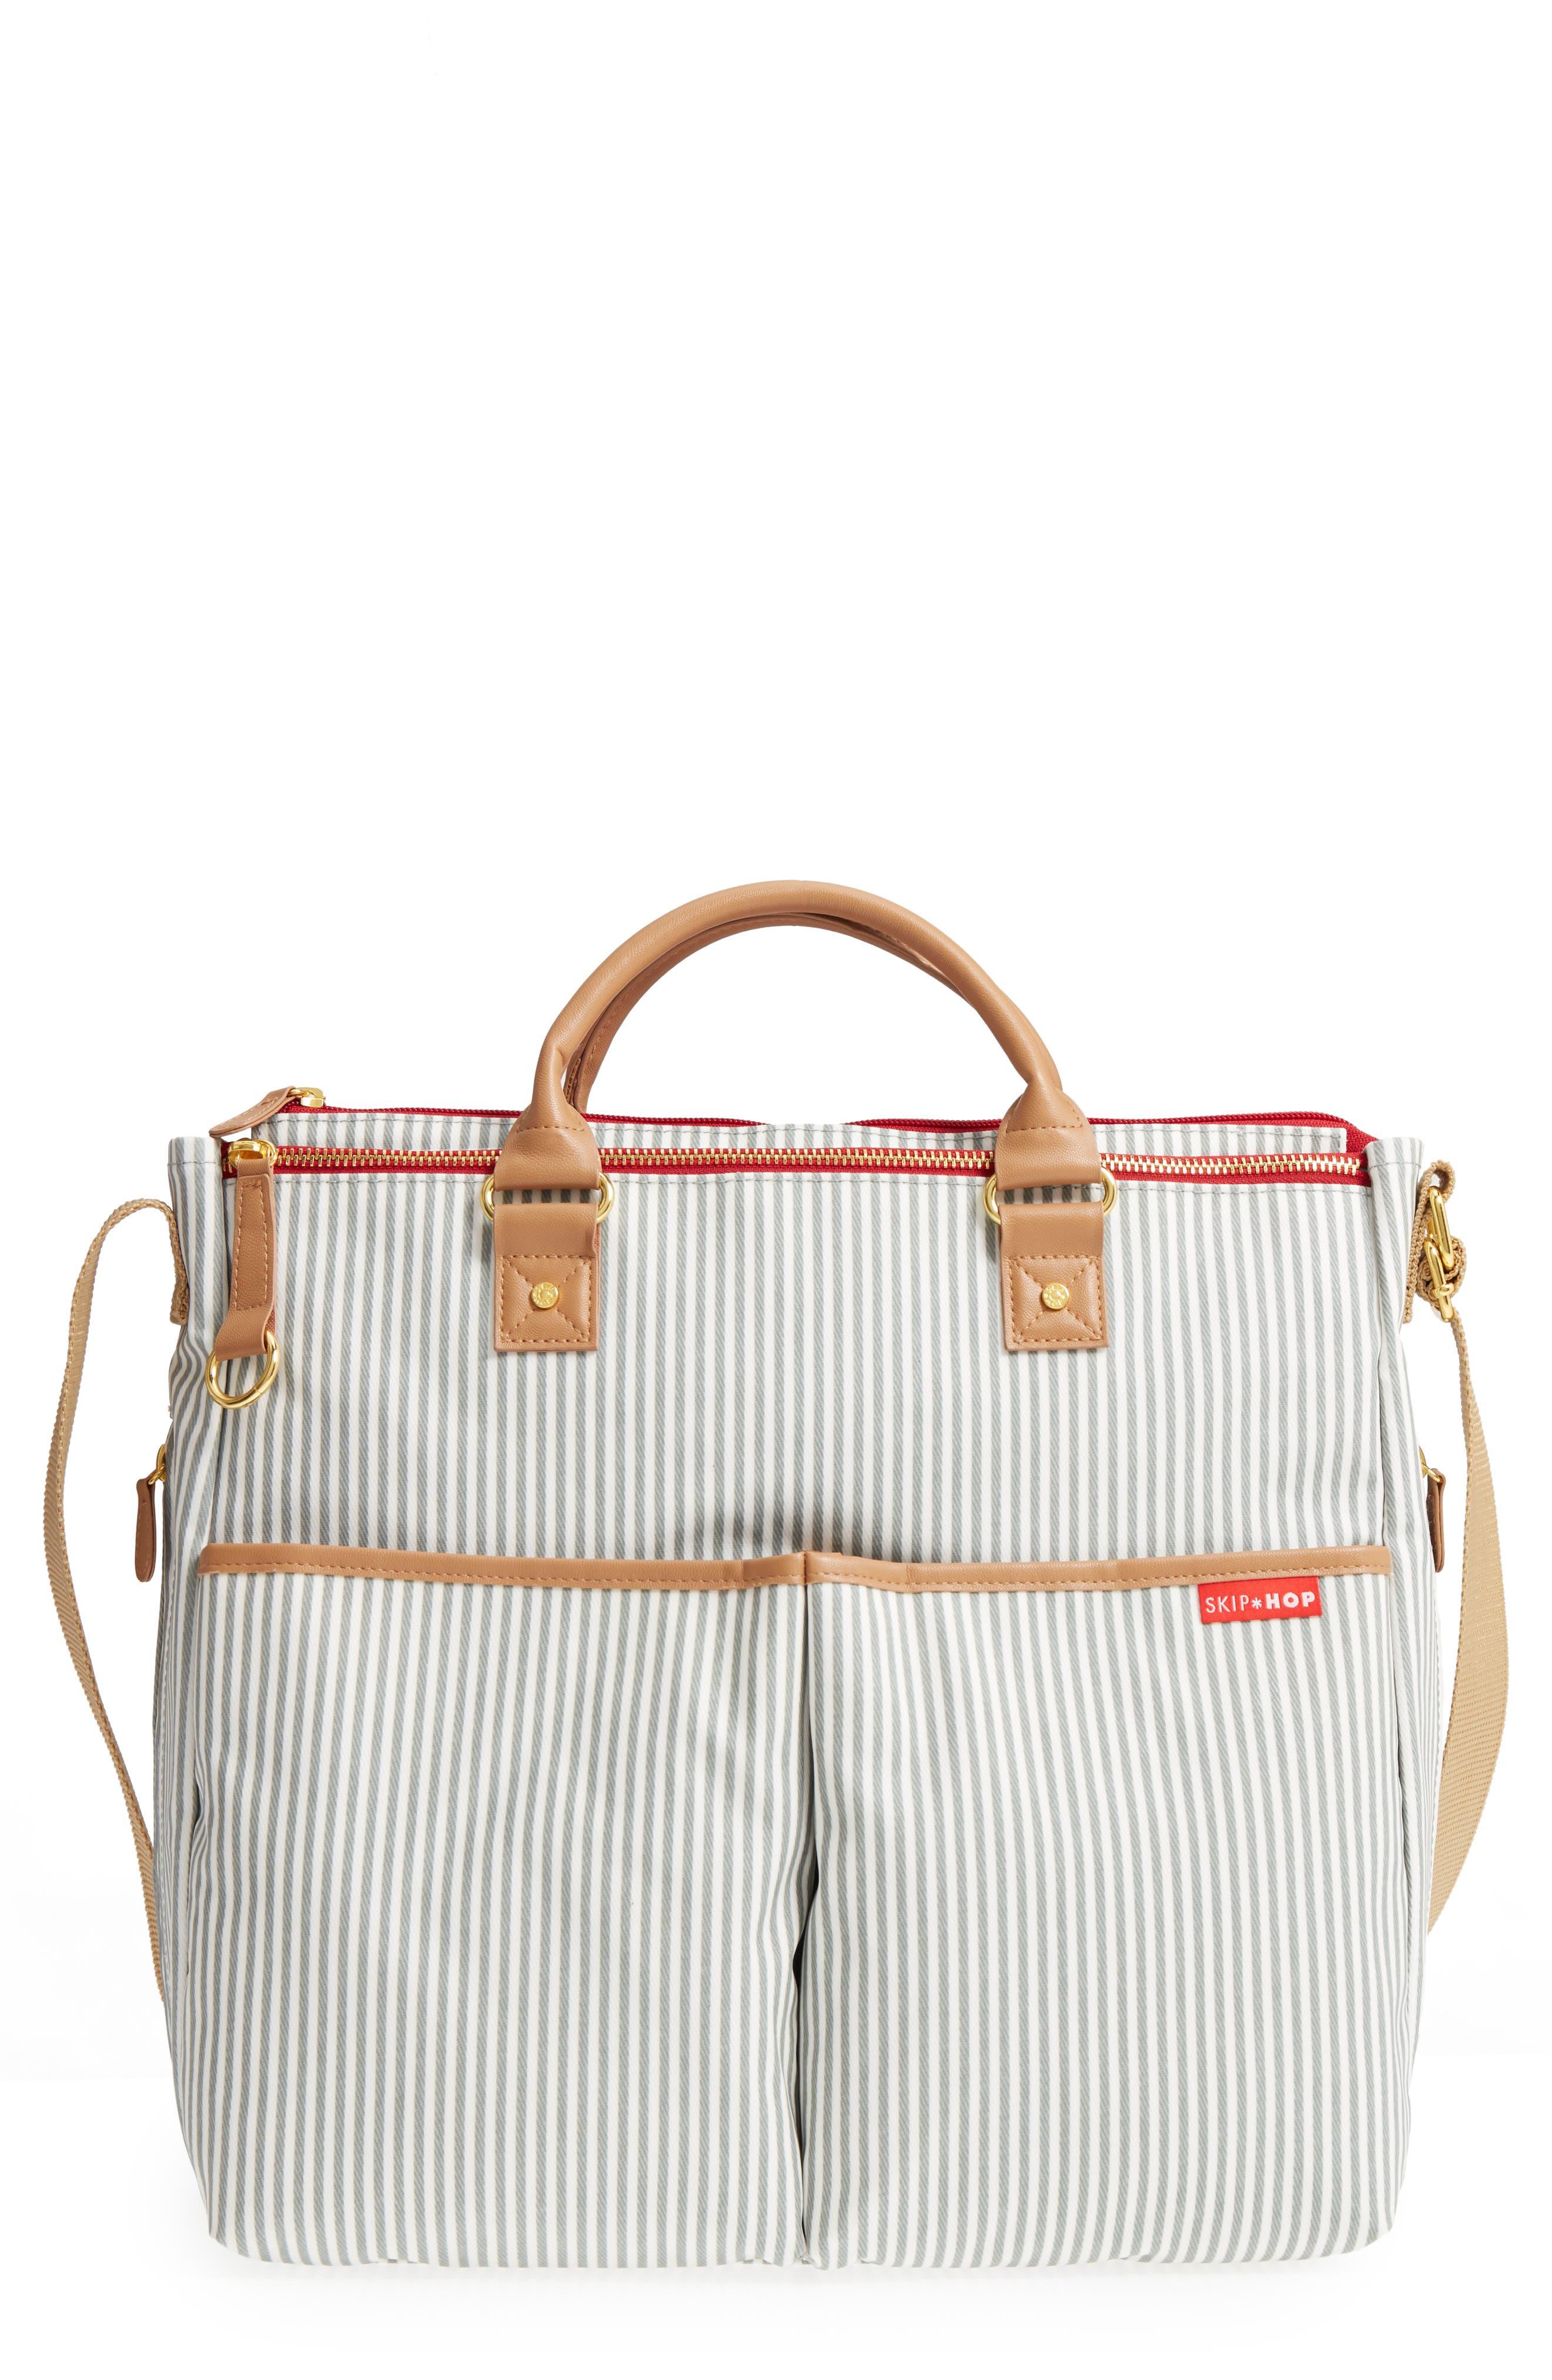 SKIP HOP 'Duo' Diaper Bag, Main, color, GREY